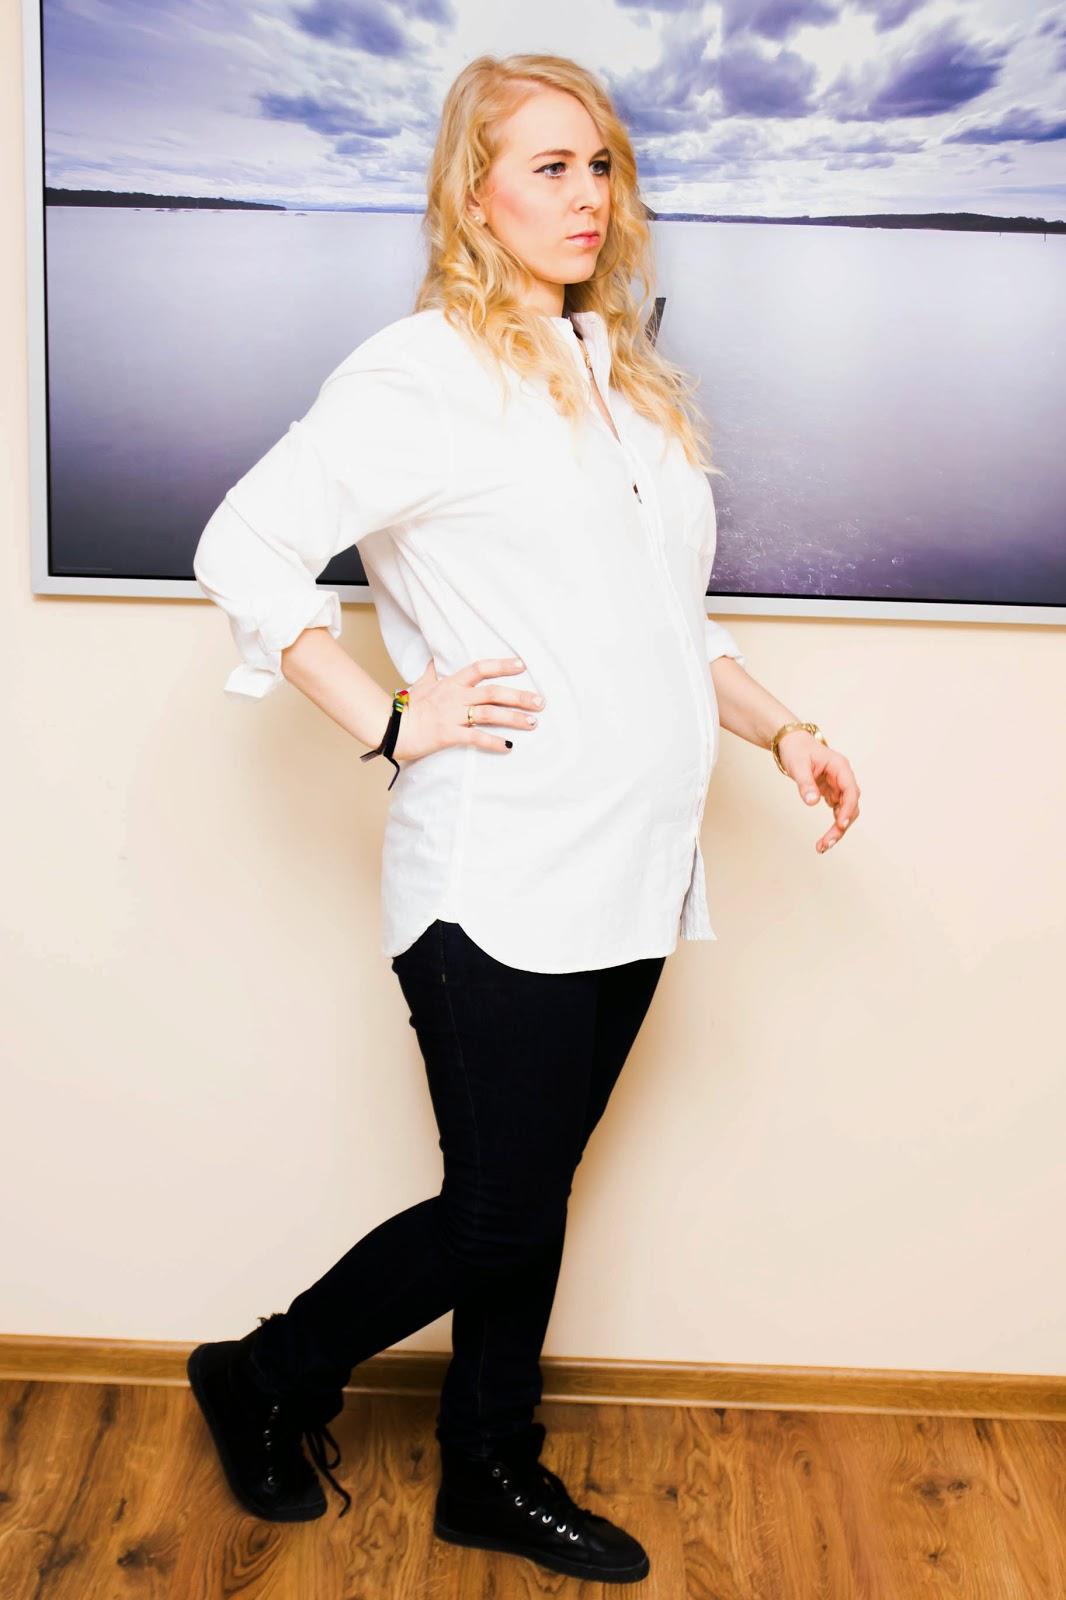 Klasyczna biała męska koszula / Casual